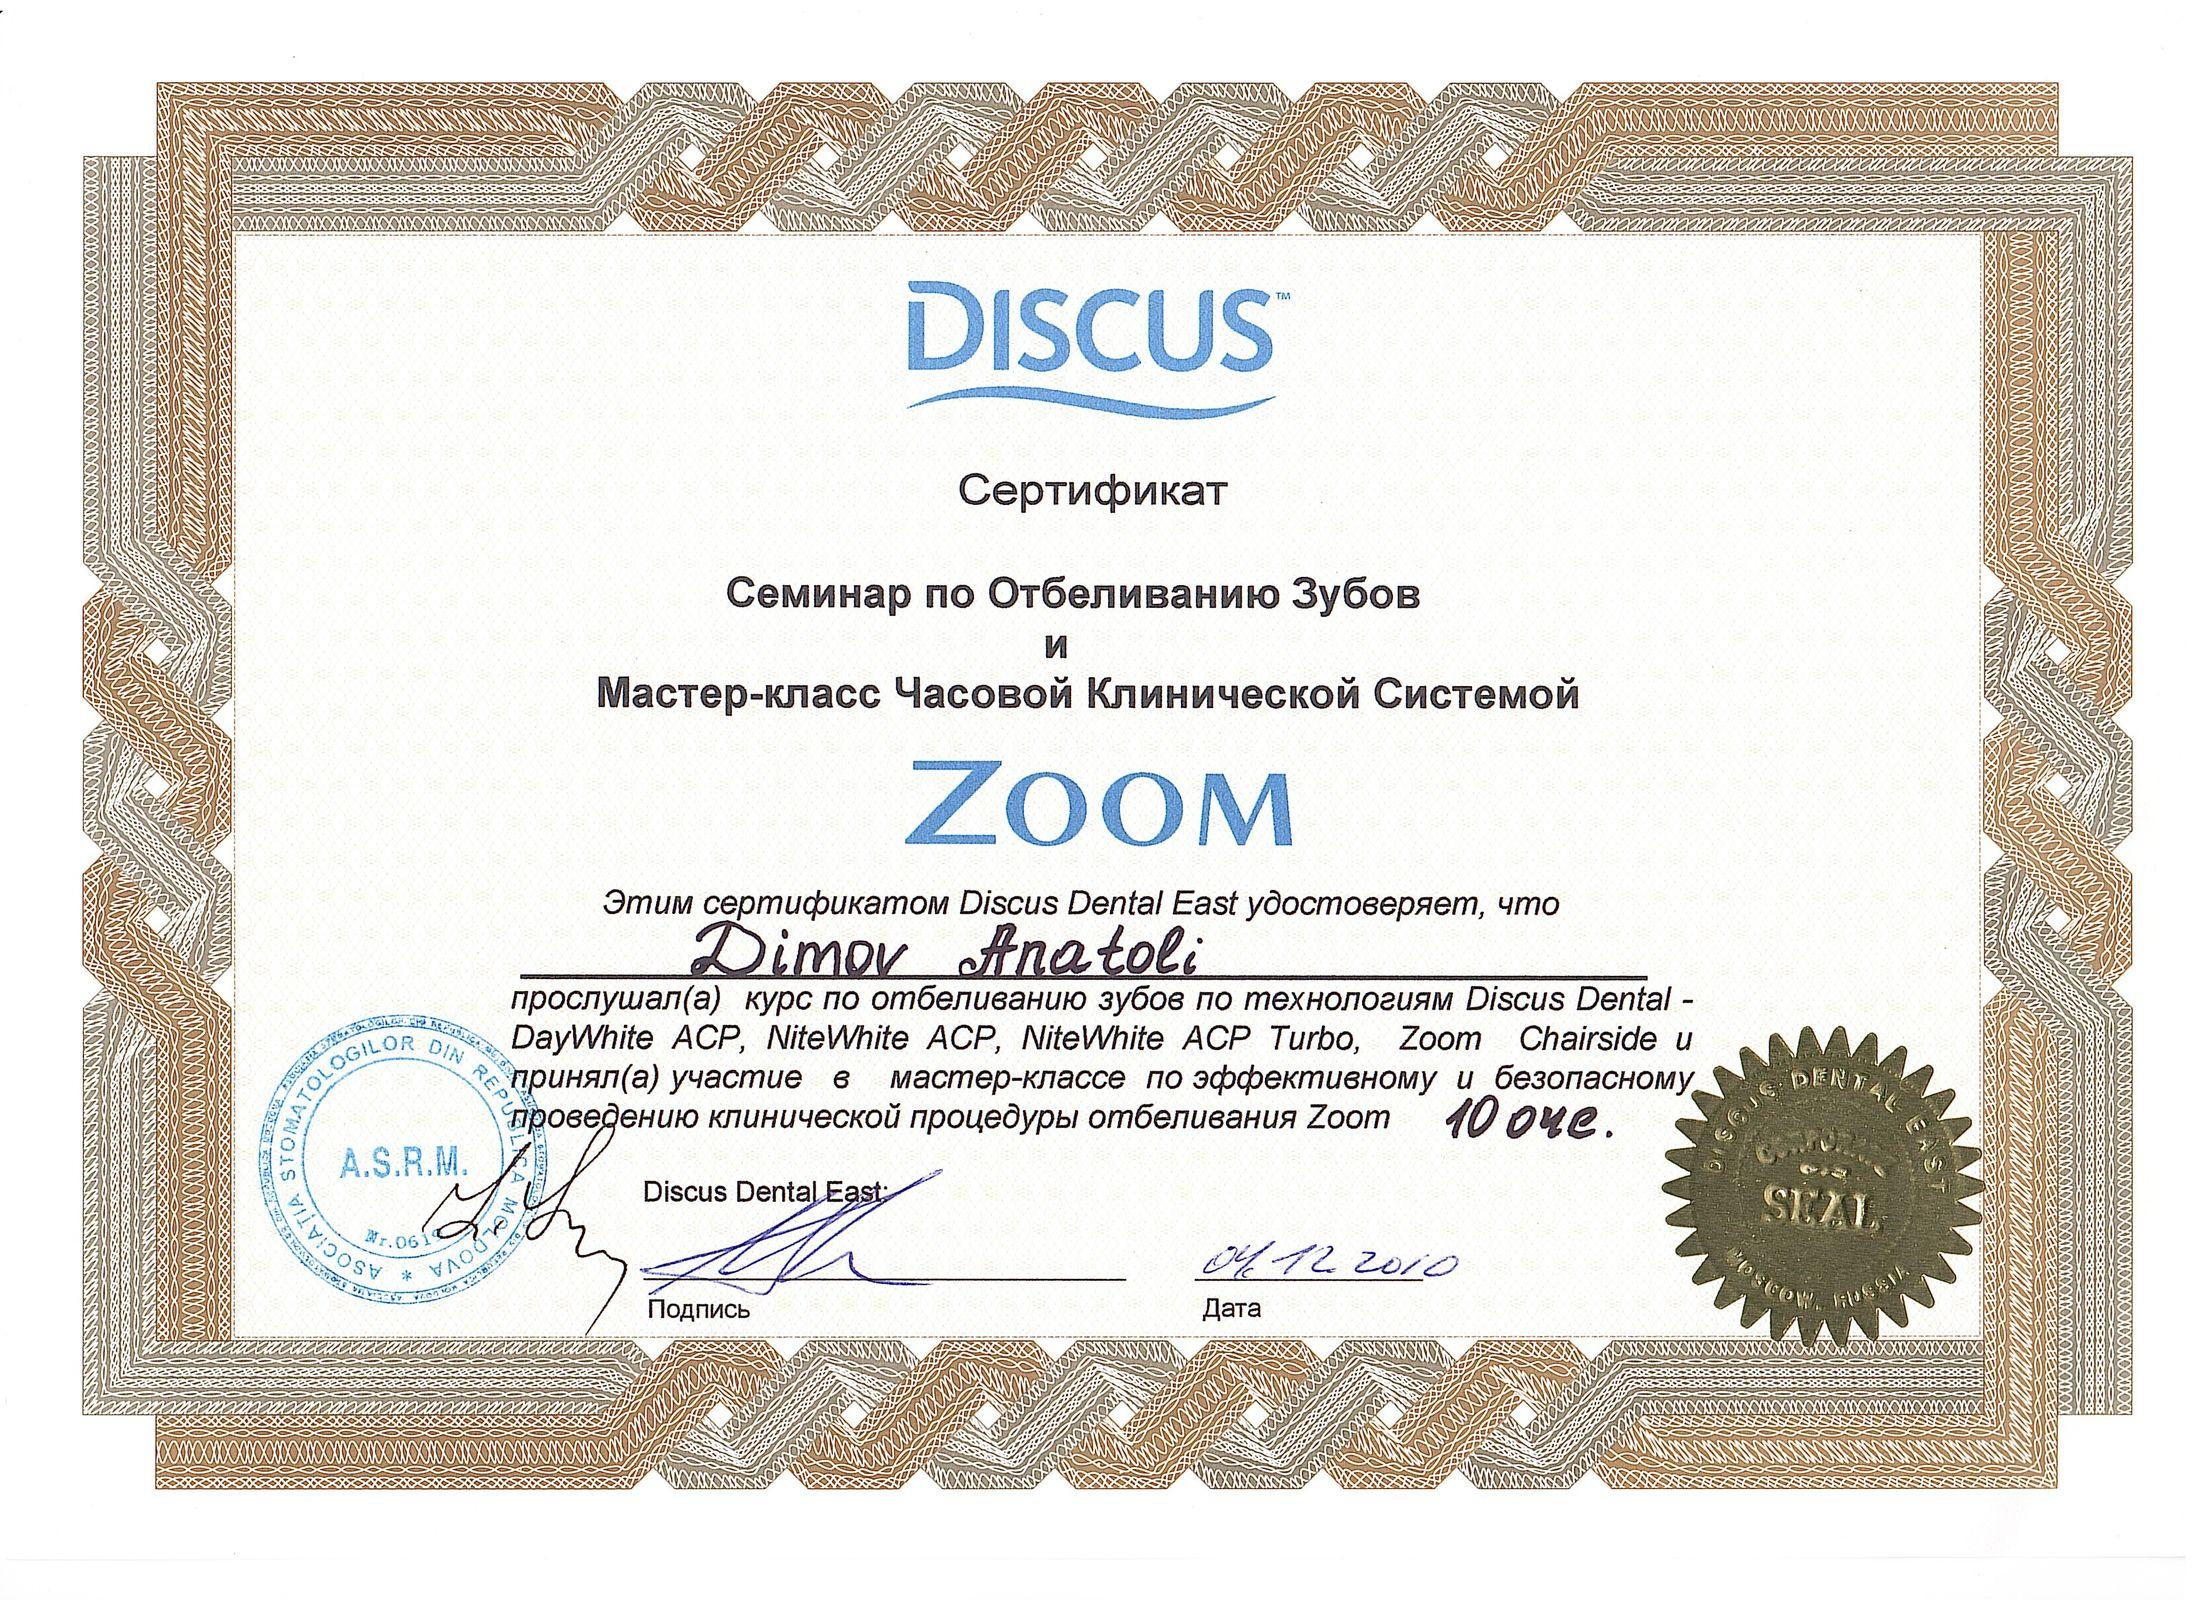 Димов_сертификаты_04